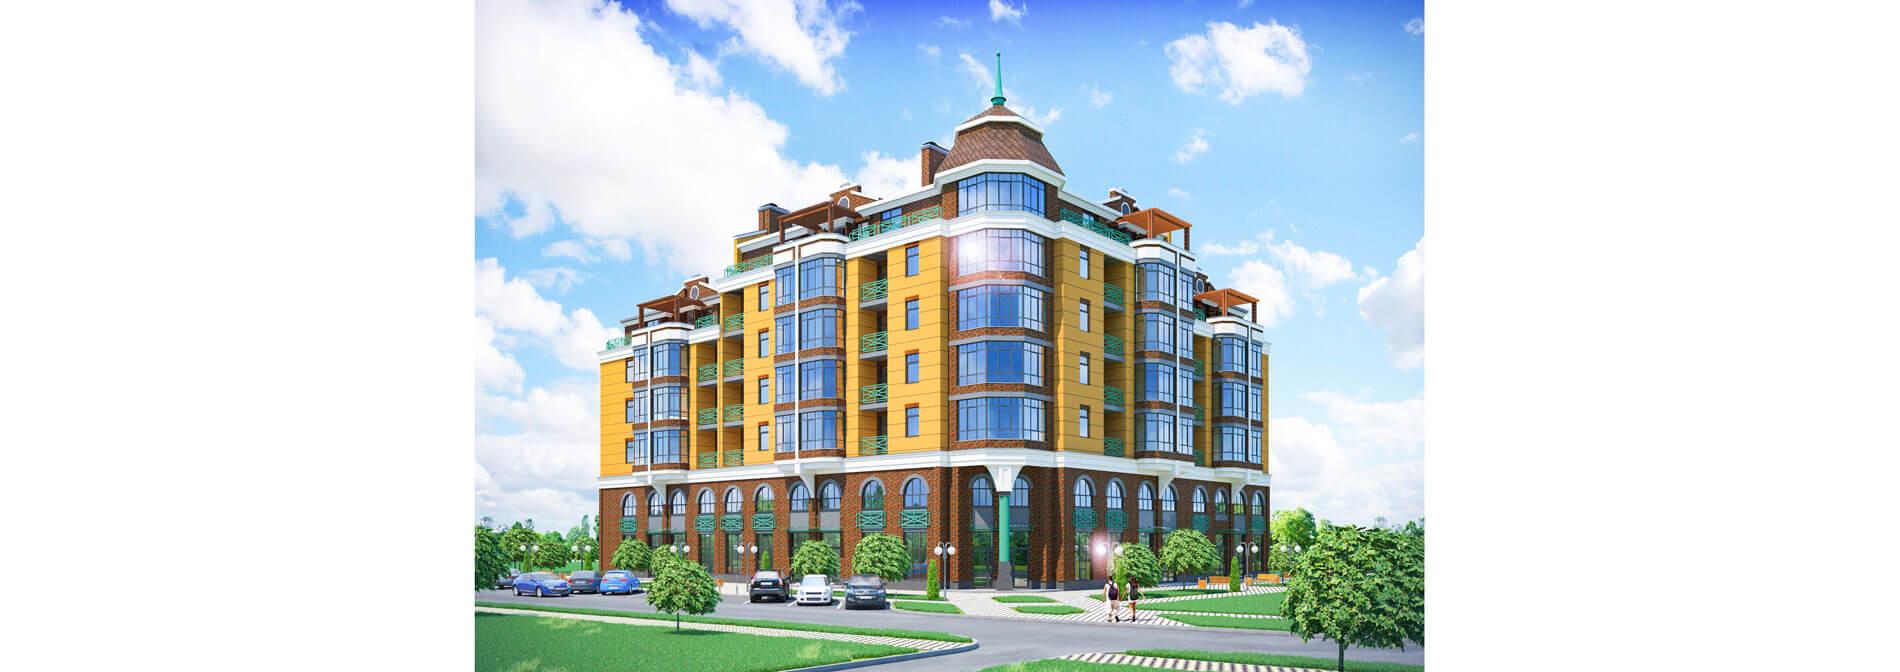 Вторинна нерухомість VS Первинна: де краще купувати житло